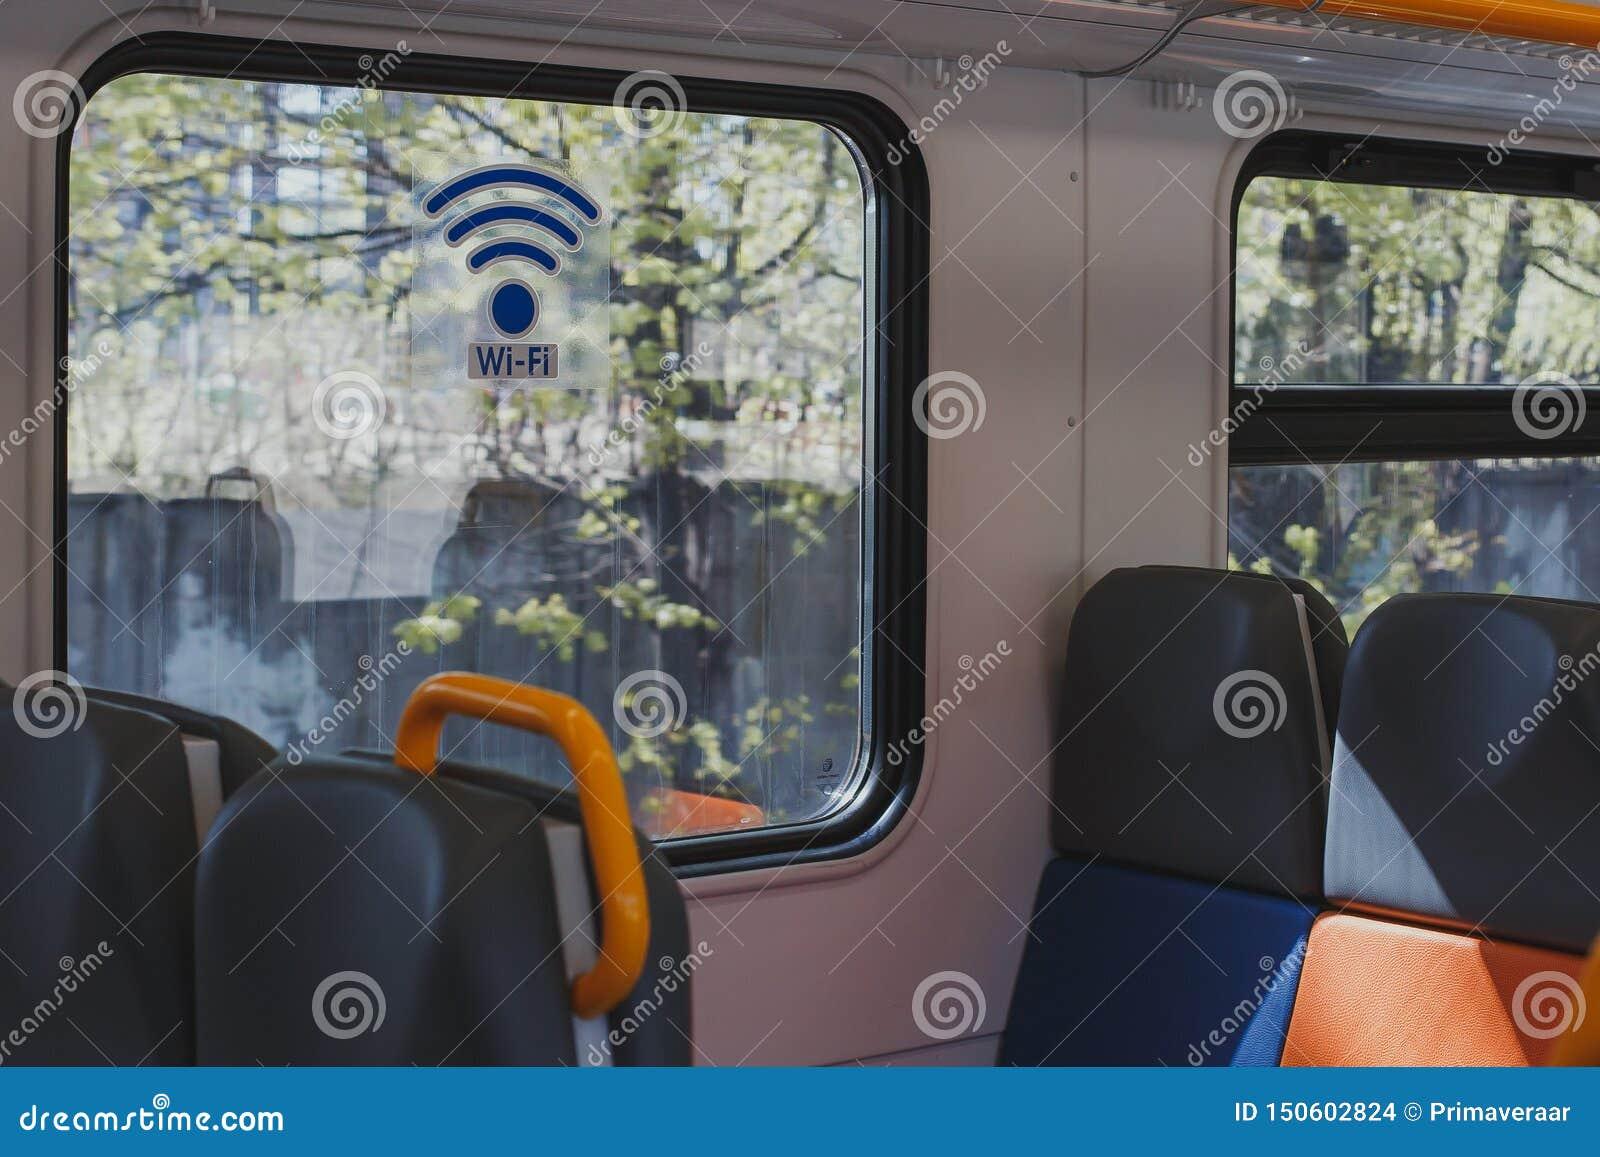 Transporte vazio do trem com assentos coloridos e uma etiqueta na janela WI-FI